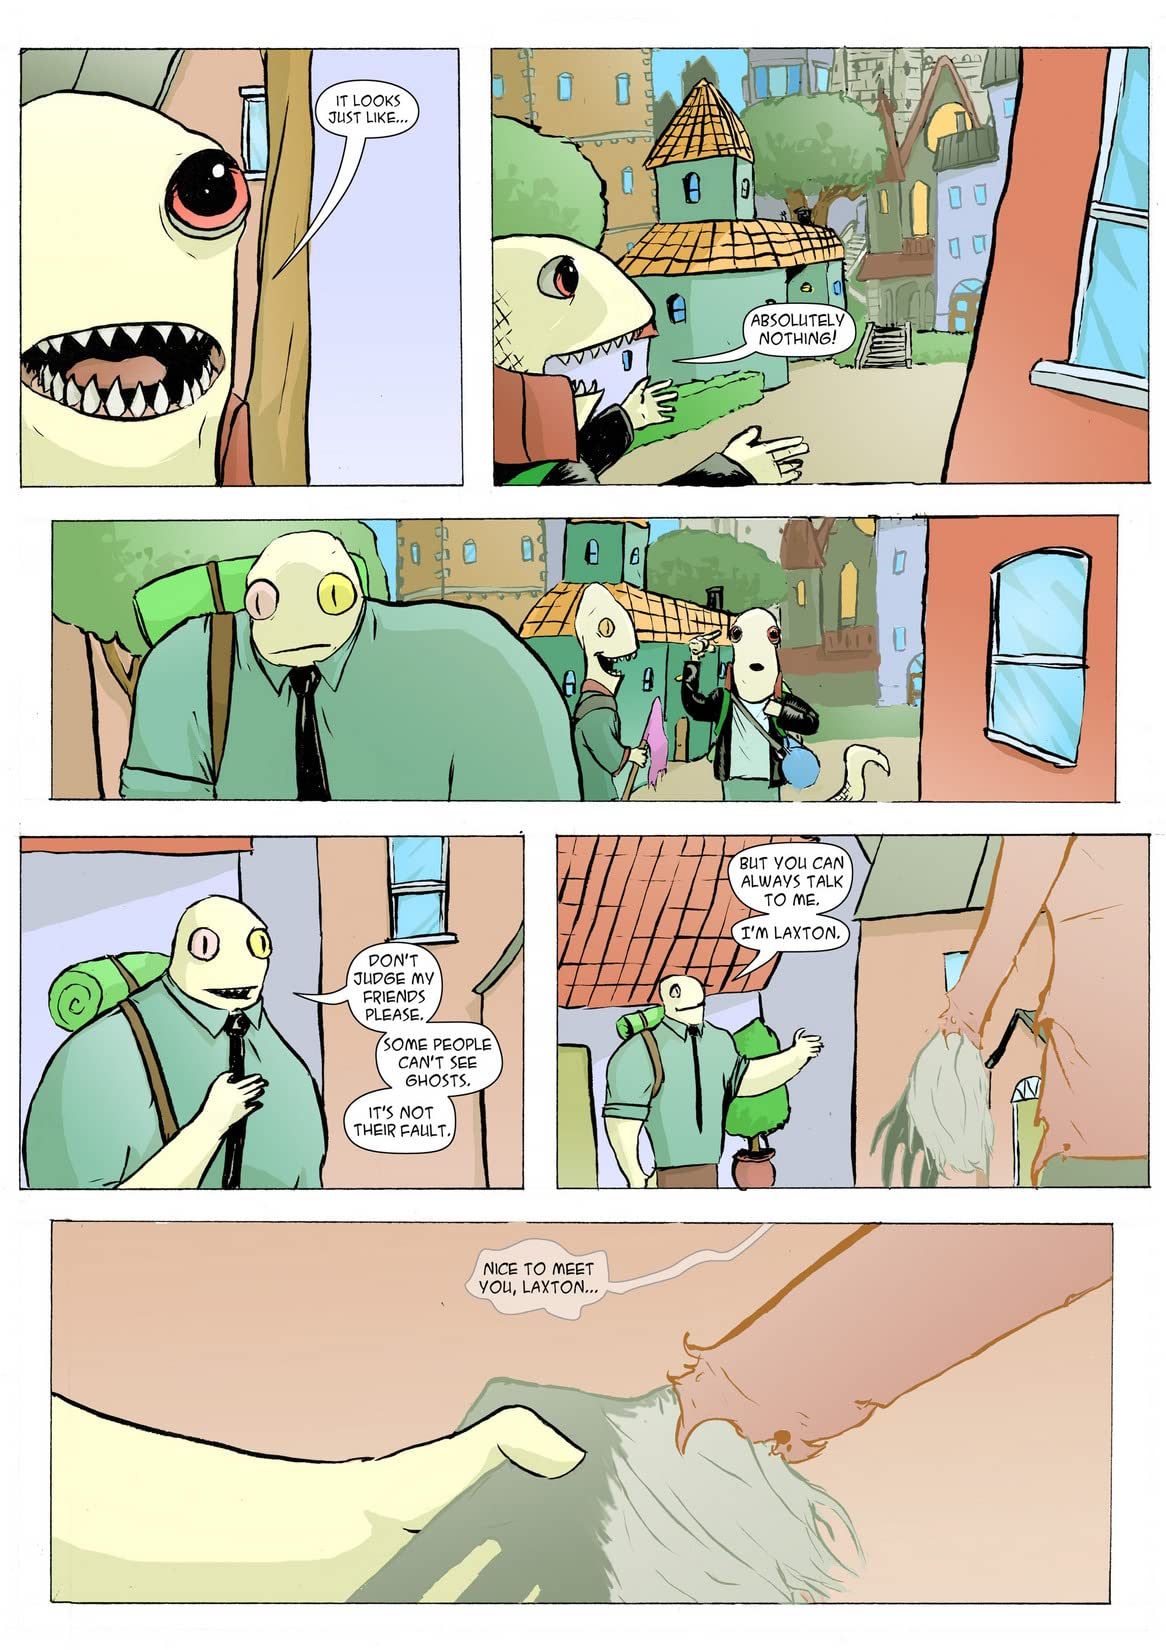 Pipeline Lizards #2